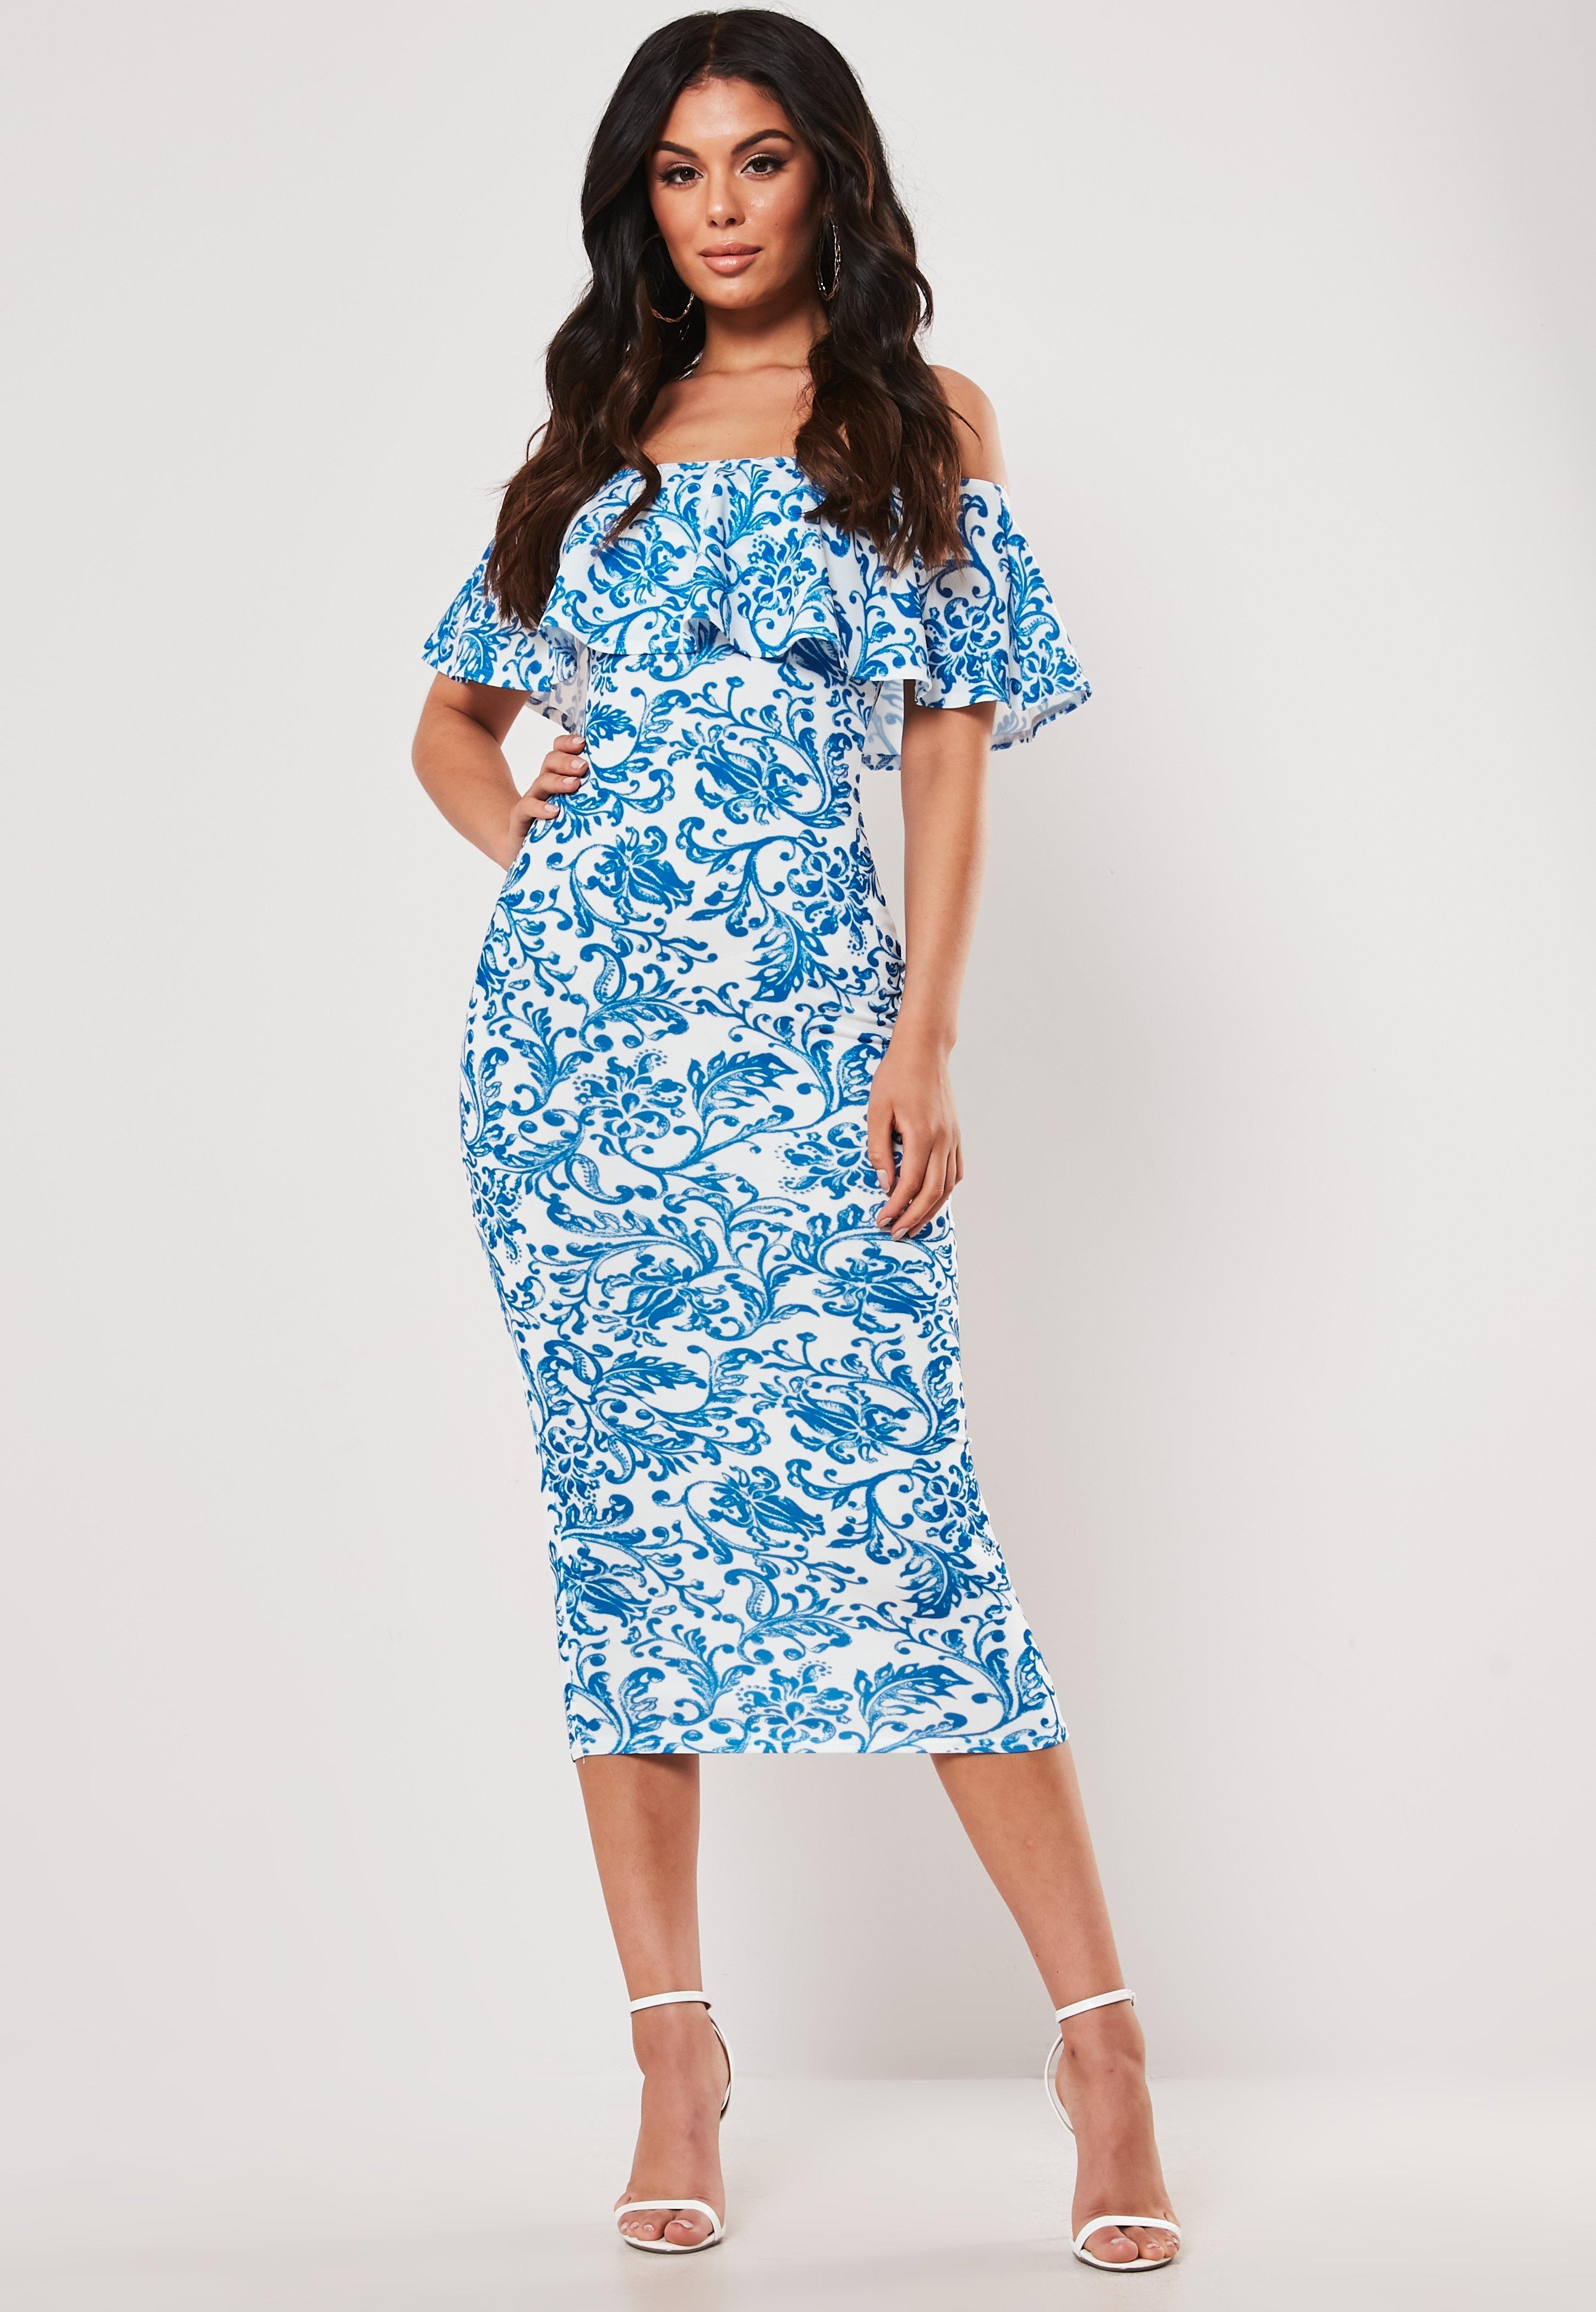 d563318e096 Party Dresses